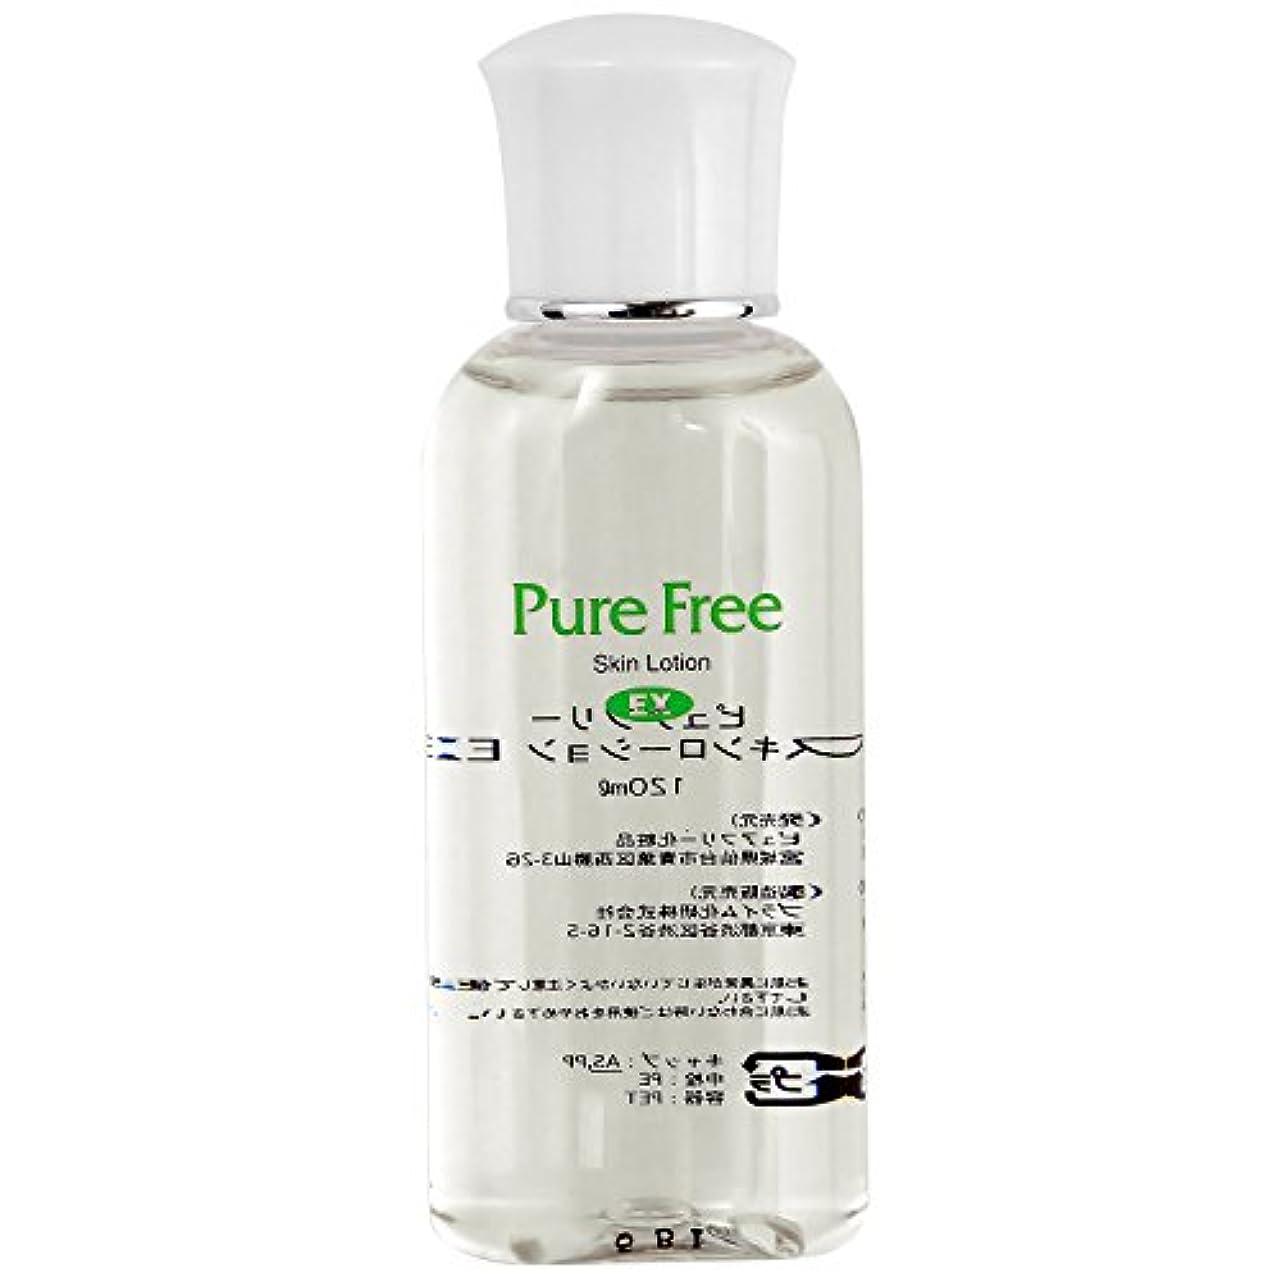 応用海岸日曜日Pure Free (ピュアフリー) スキンローションEX 正規品 化粧水 保湿用水分 オーガニック